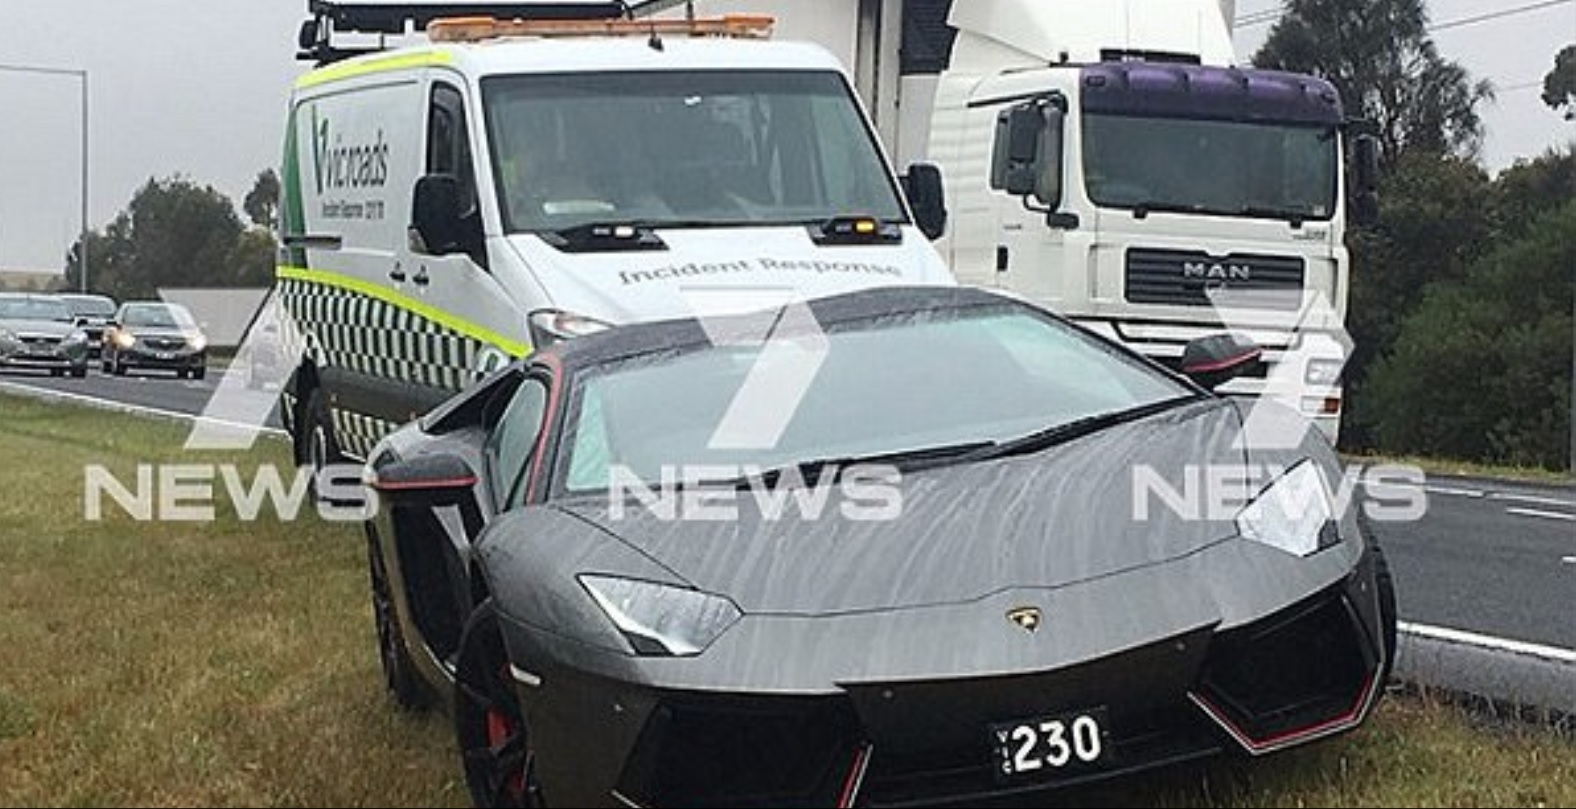 Водитель оказался заблокированным в салоне Lamborghini из-за севшего аккумулятора 1